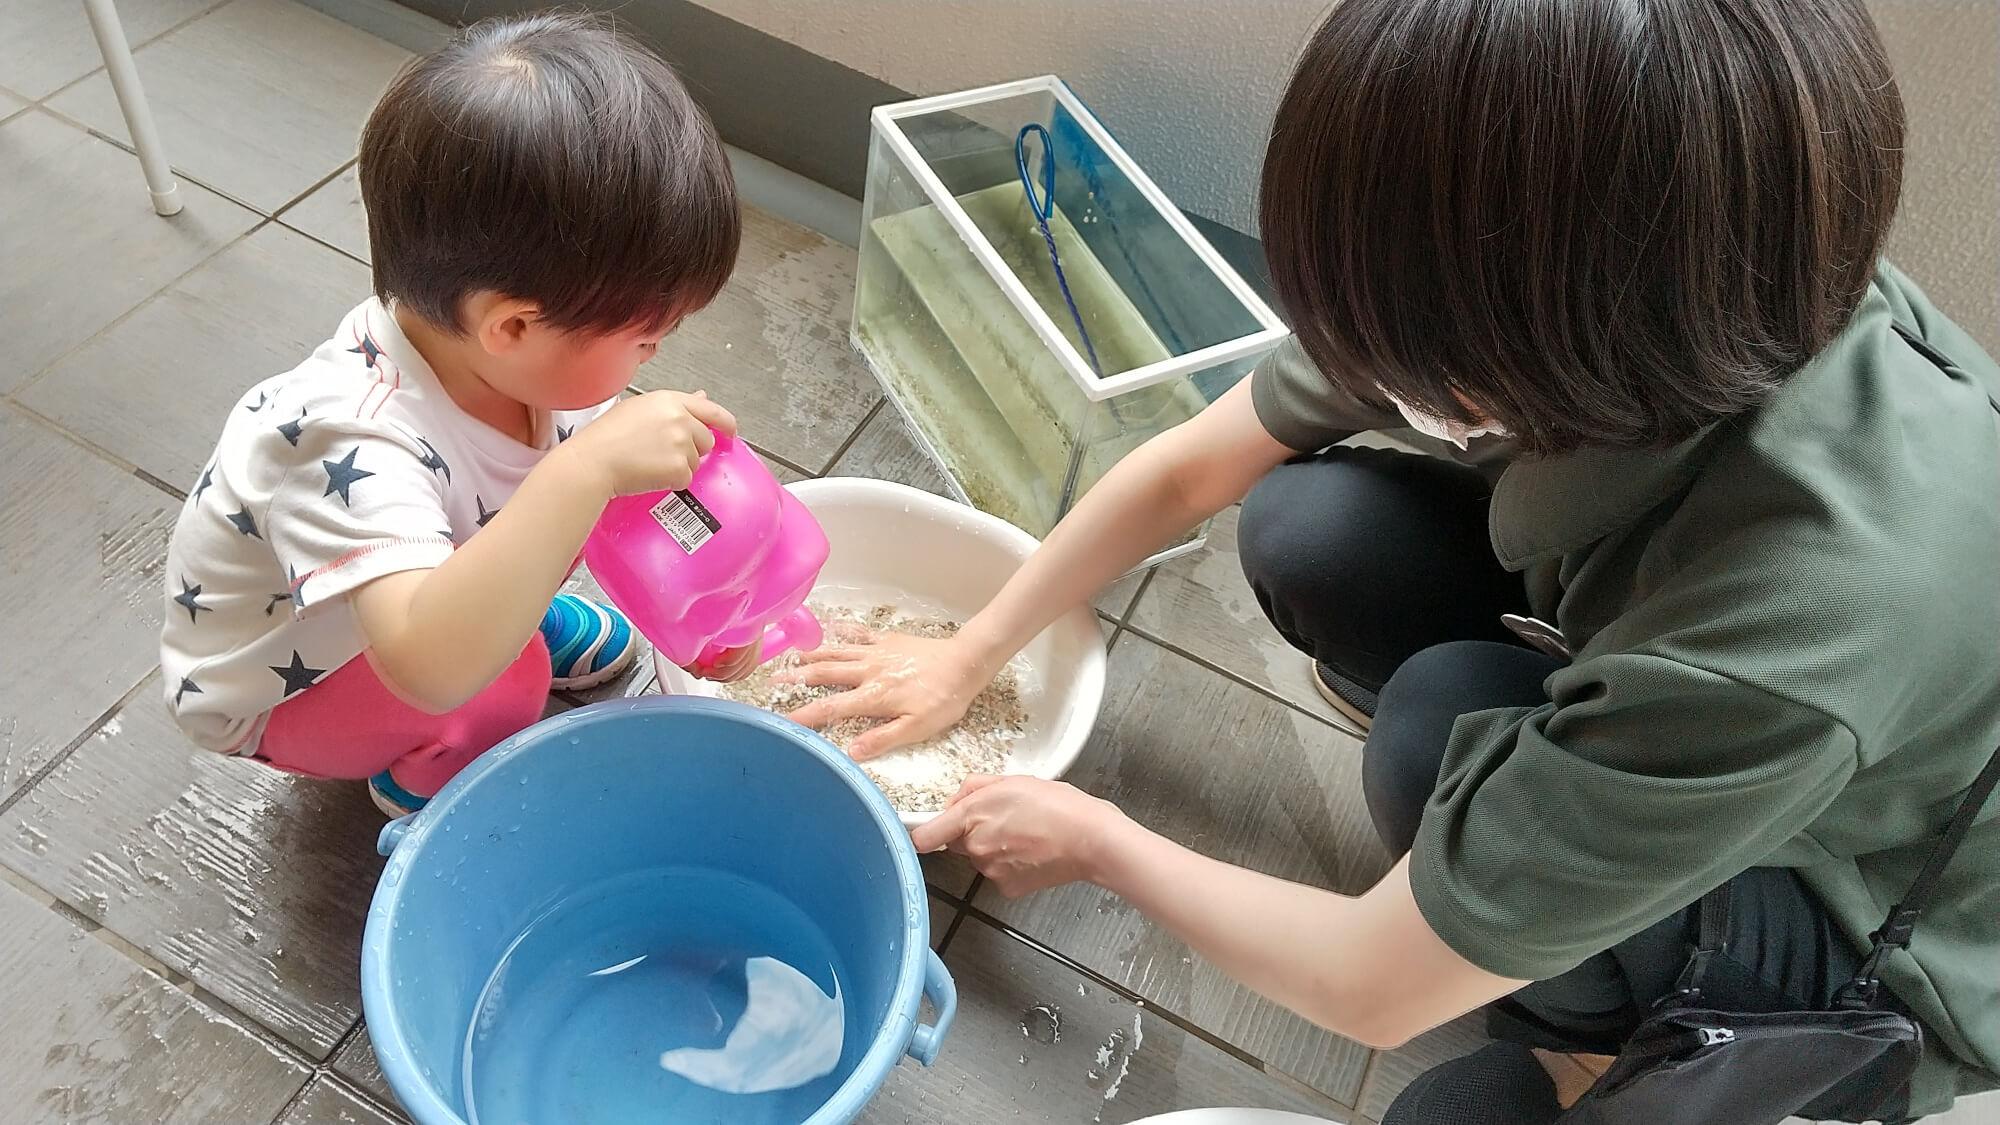 水槽の掃除をする様子